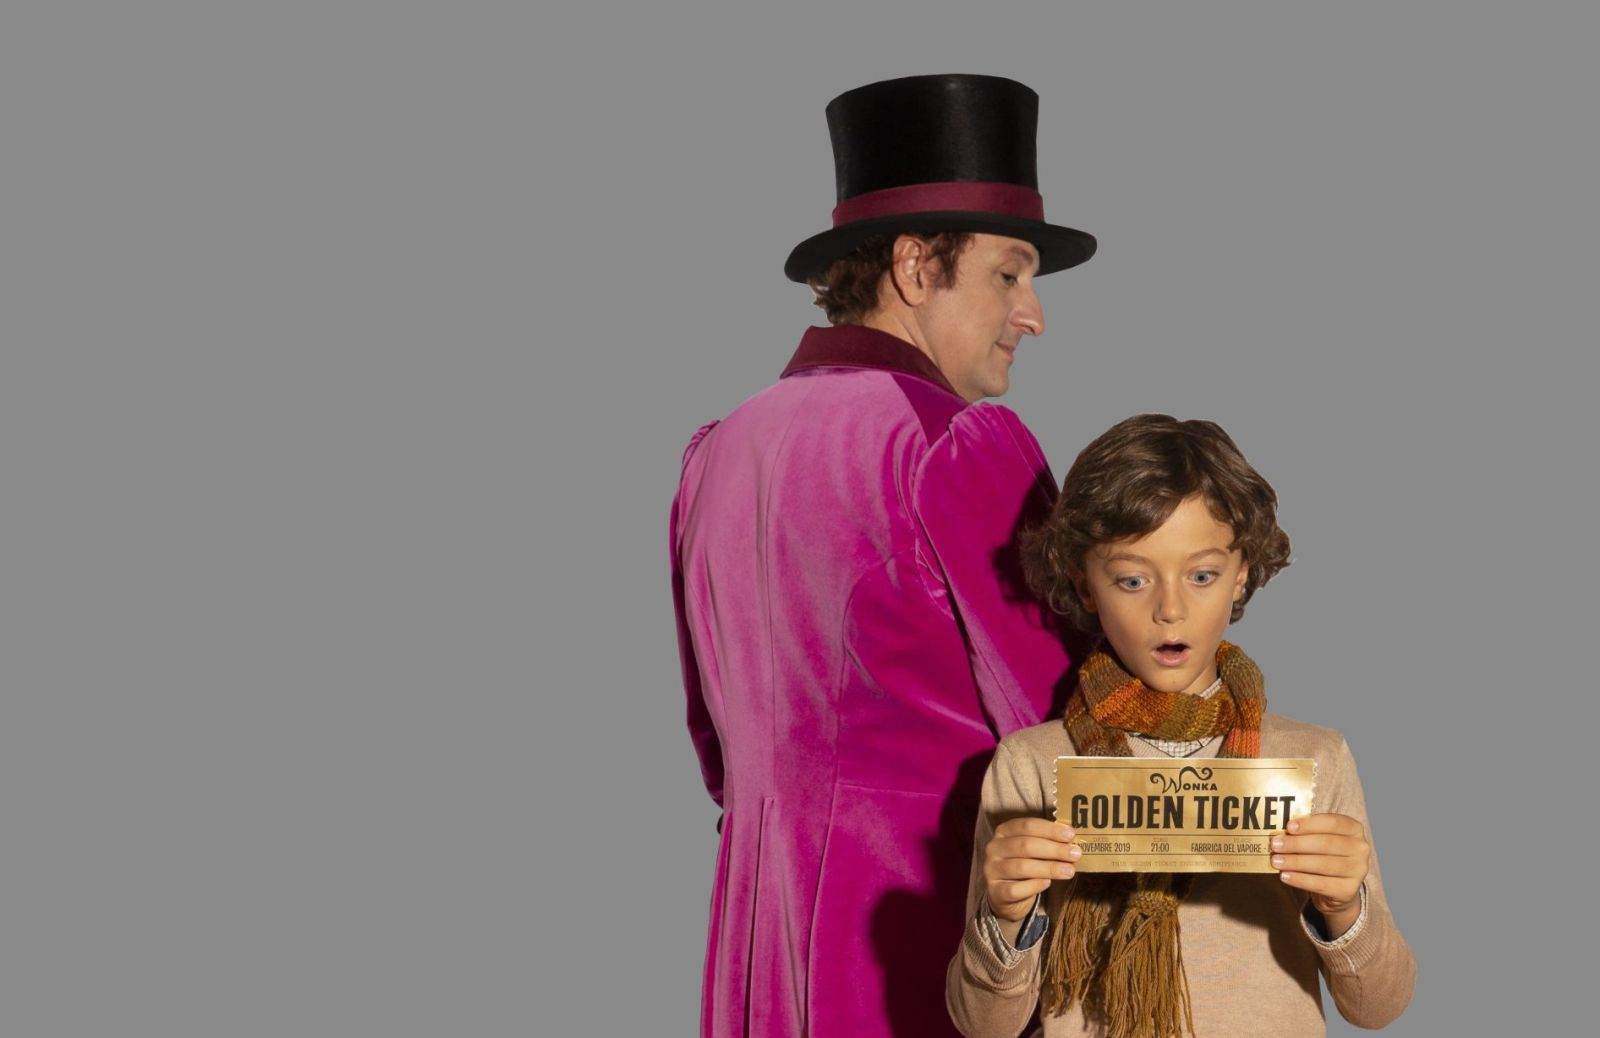 Uomini Roald Dahl Charlie E La Fabbrica Di Cioccolato Willy Wonka Costume